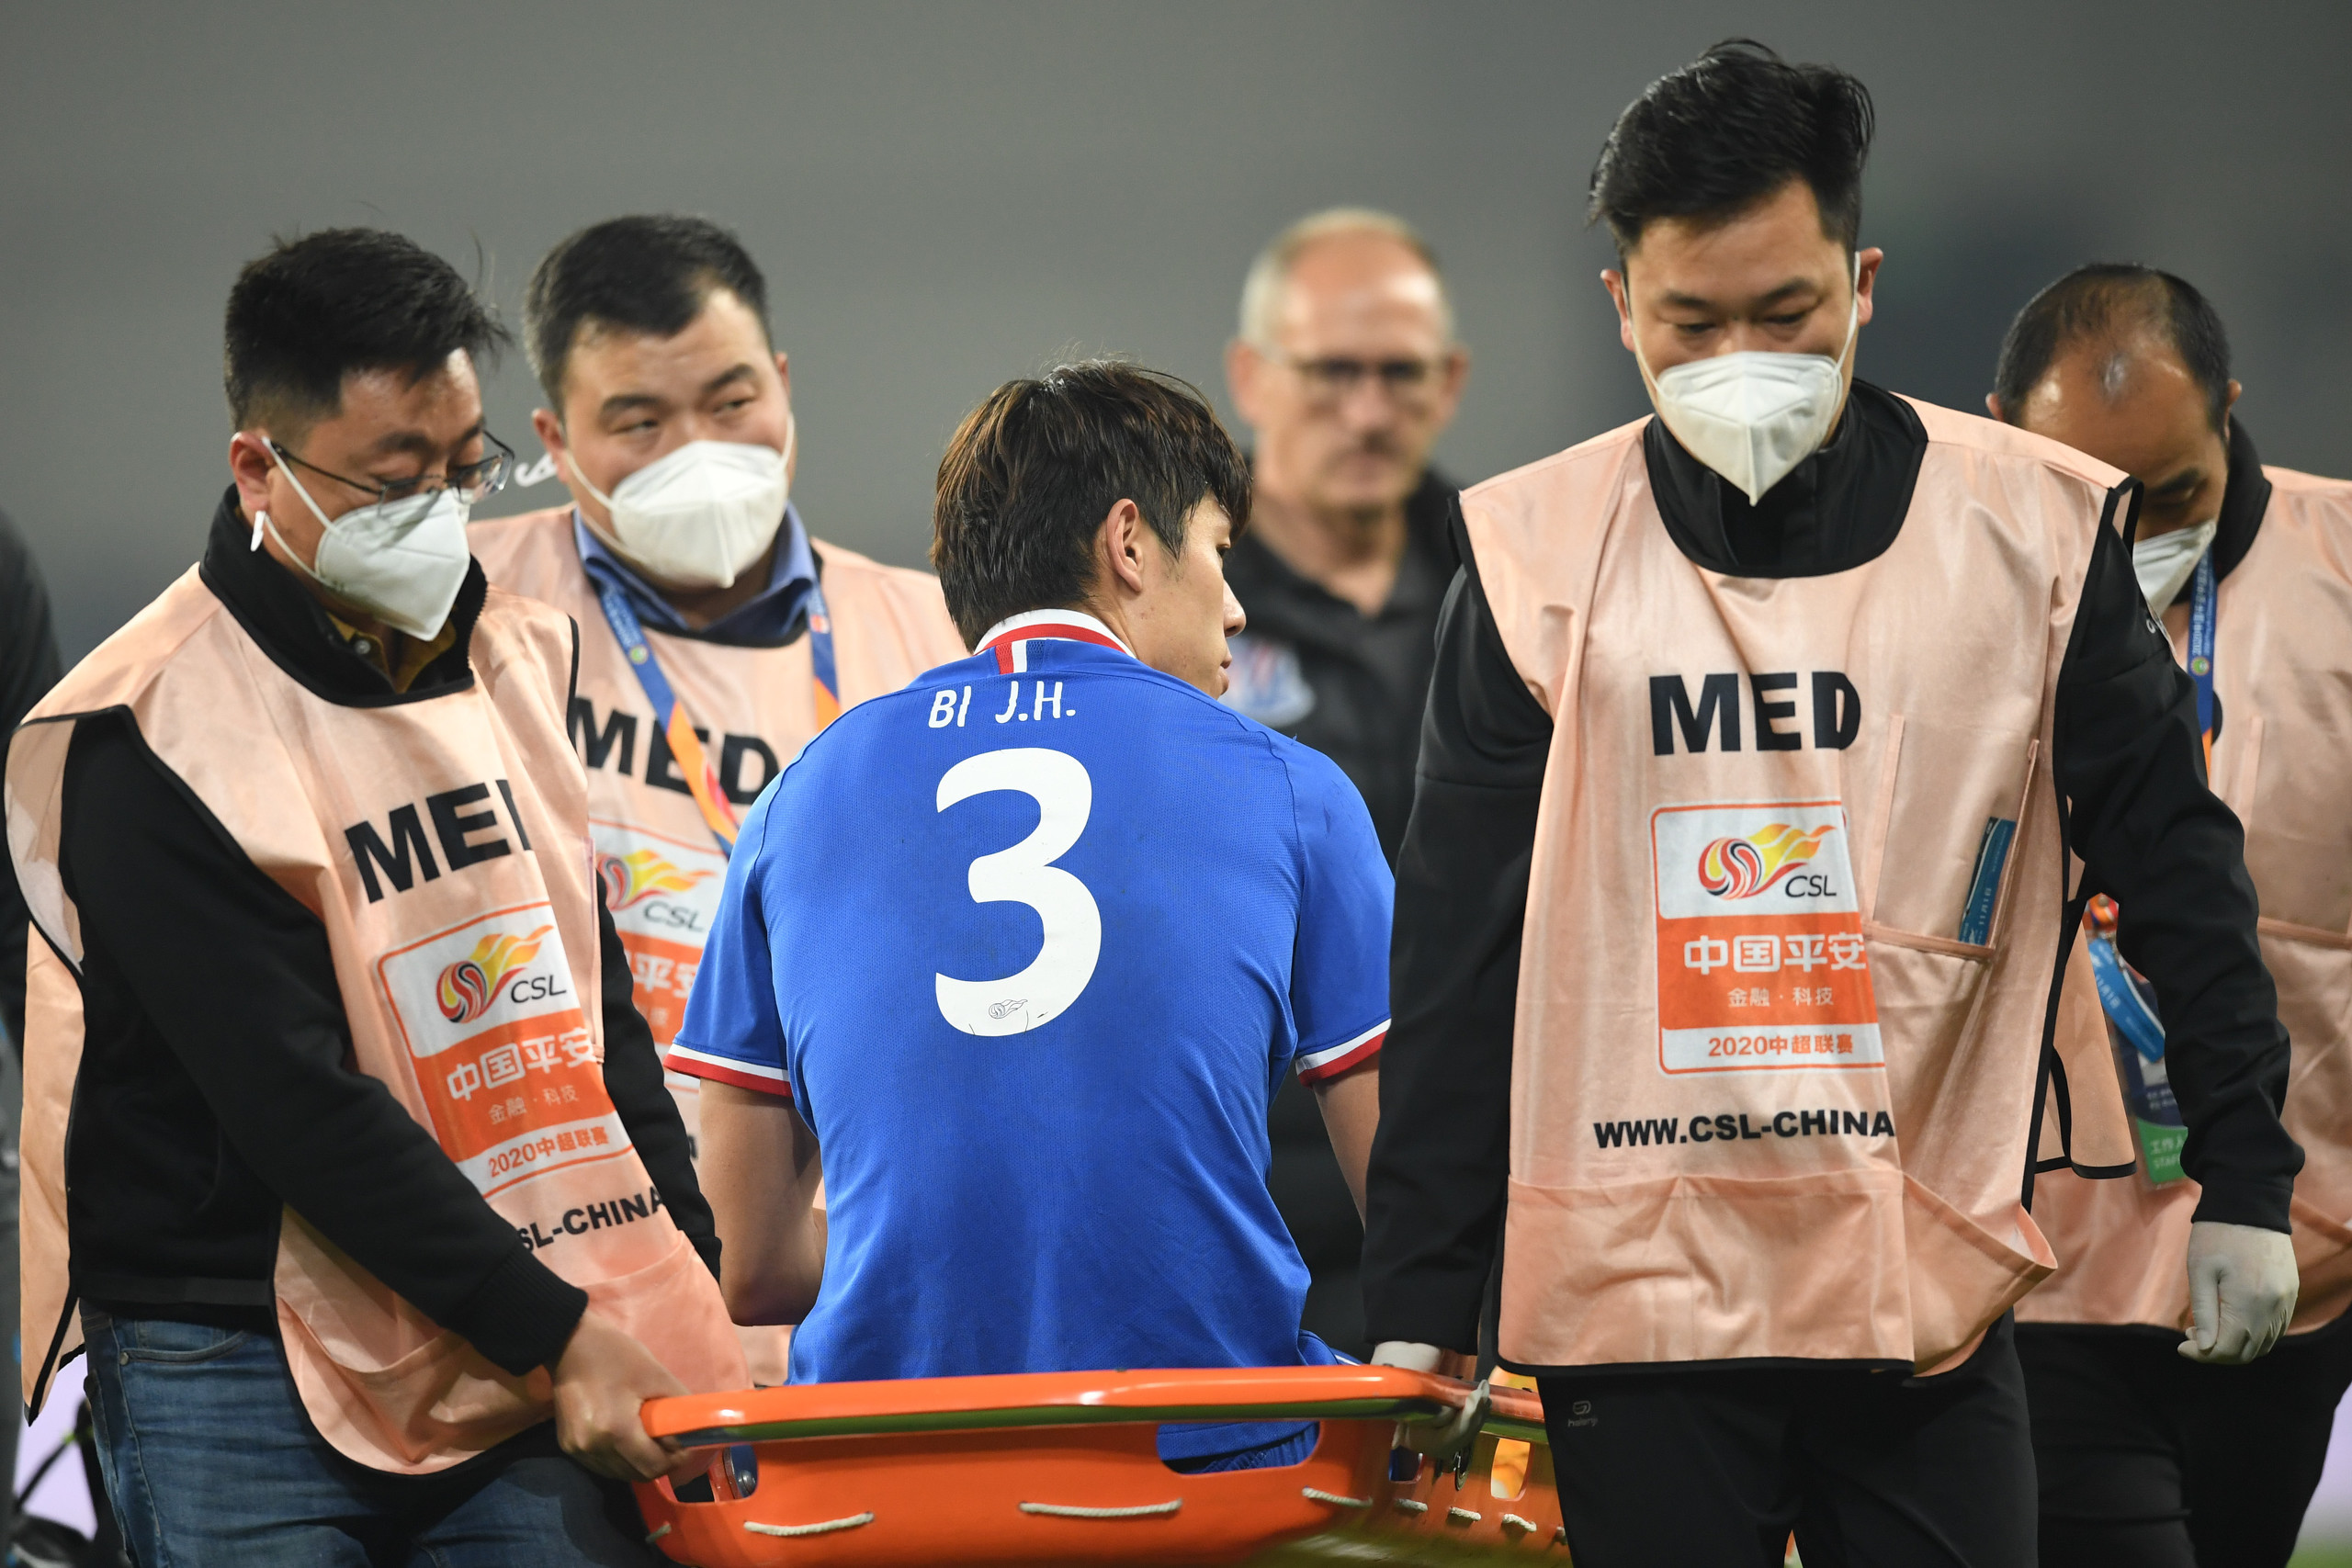 伤病满营!申花多达7名主力球员受伤,2人染红下轮停赛